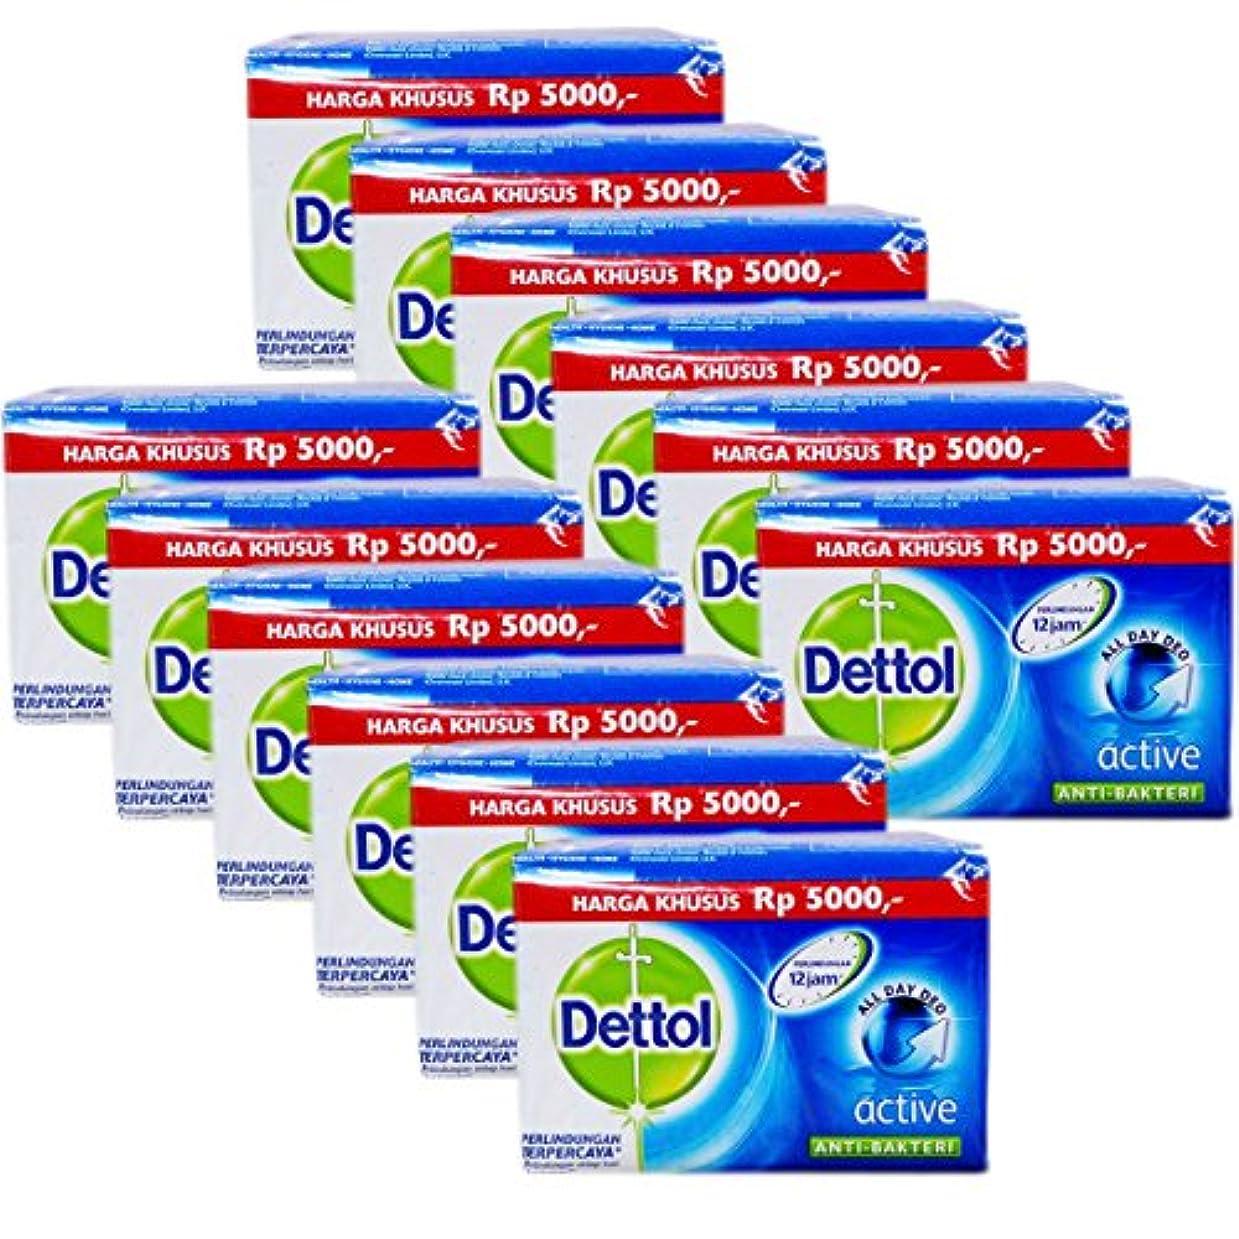 冒険太陽殉教者Dettol(デトール) Anti-Bacterial Hand and Body Bar Soap, Active, 110 Gr / 3.88 Oz (12個セット)